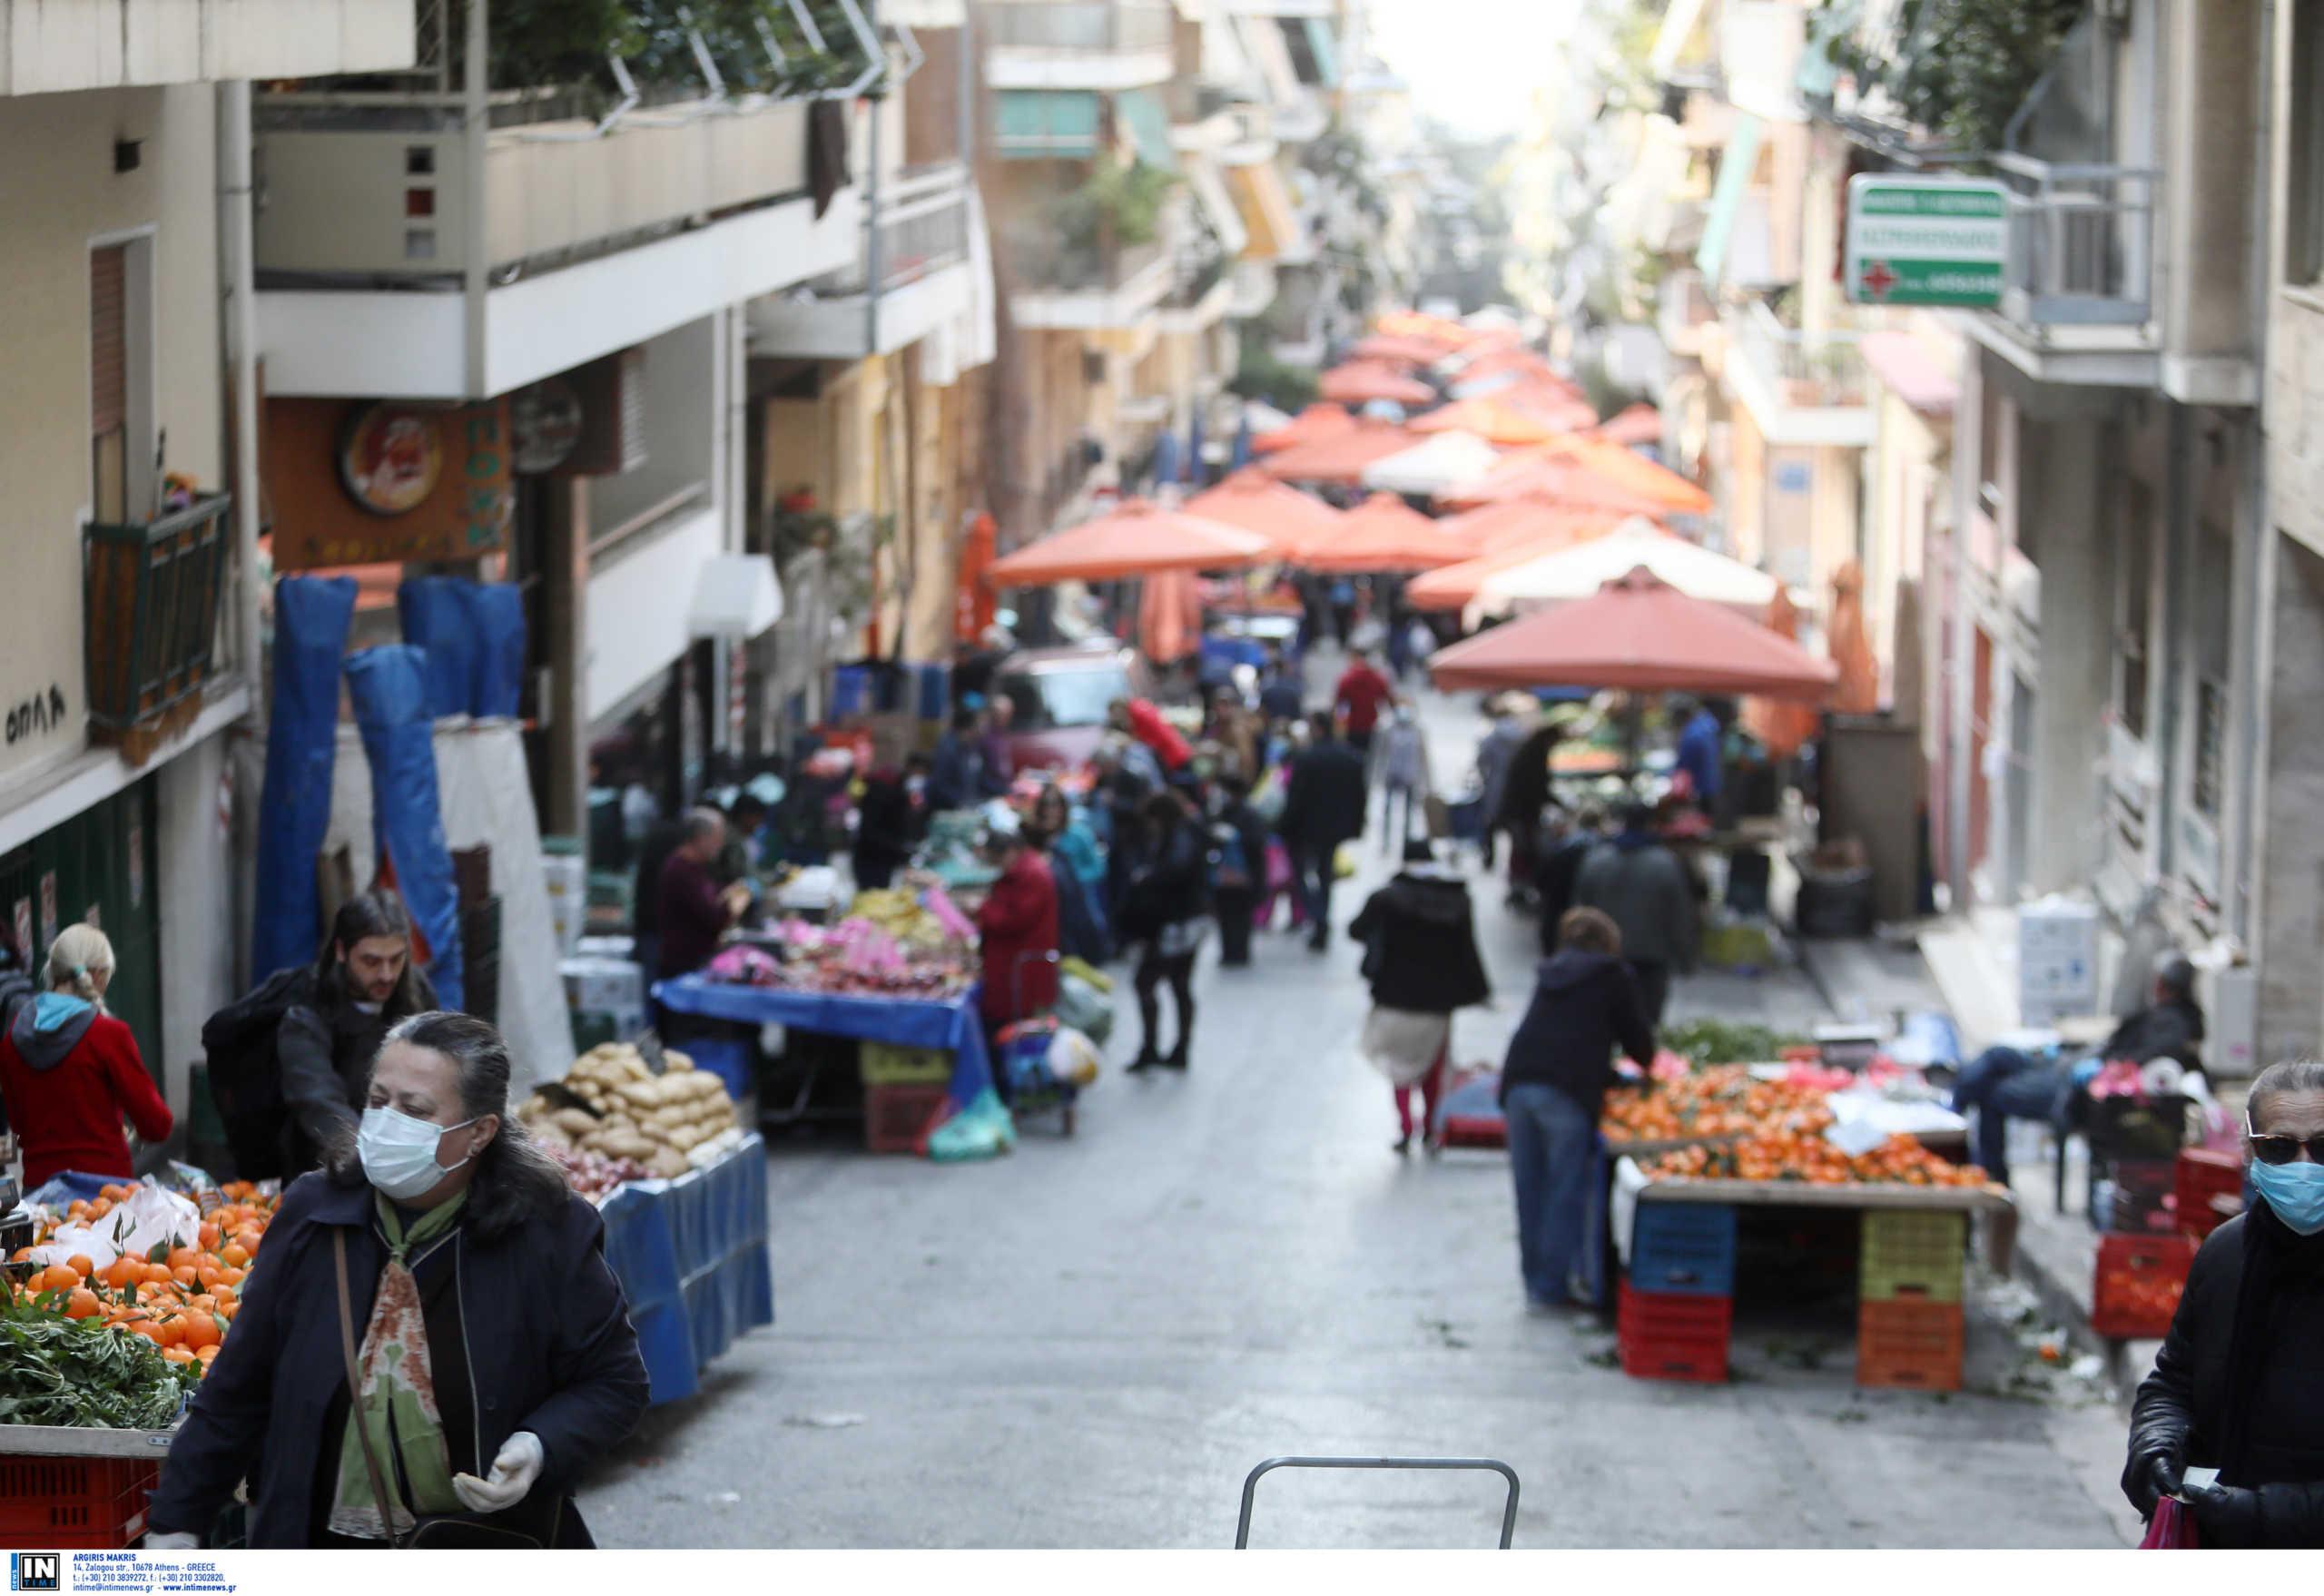 Προσφυγή στο ΣτΕ για τη λειτουργία των λαϊκών αγορών